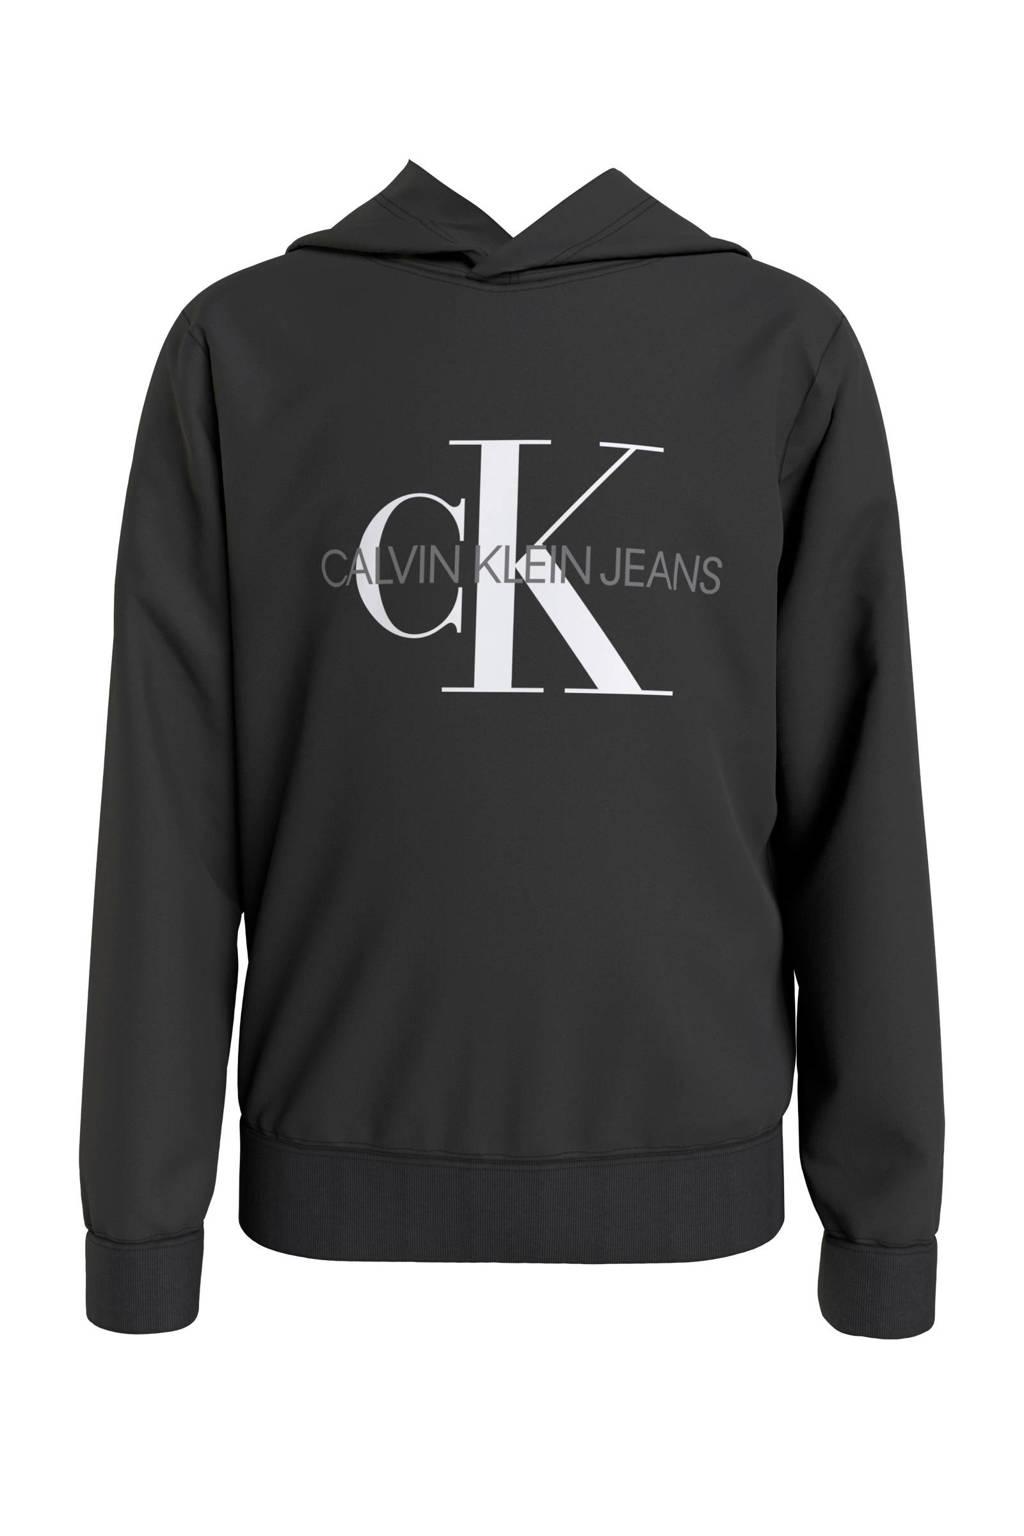 CALVIN KLEIN JEANS hoodie van biologisch katoen zwart/wit/antraciet, Zwart/wit/antraciet